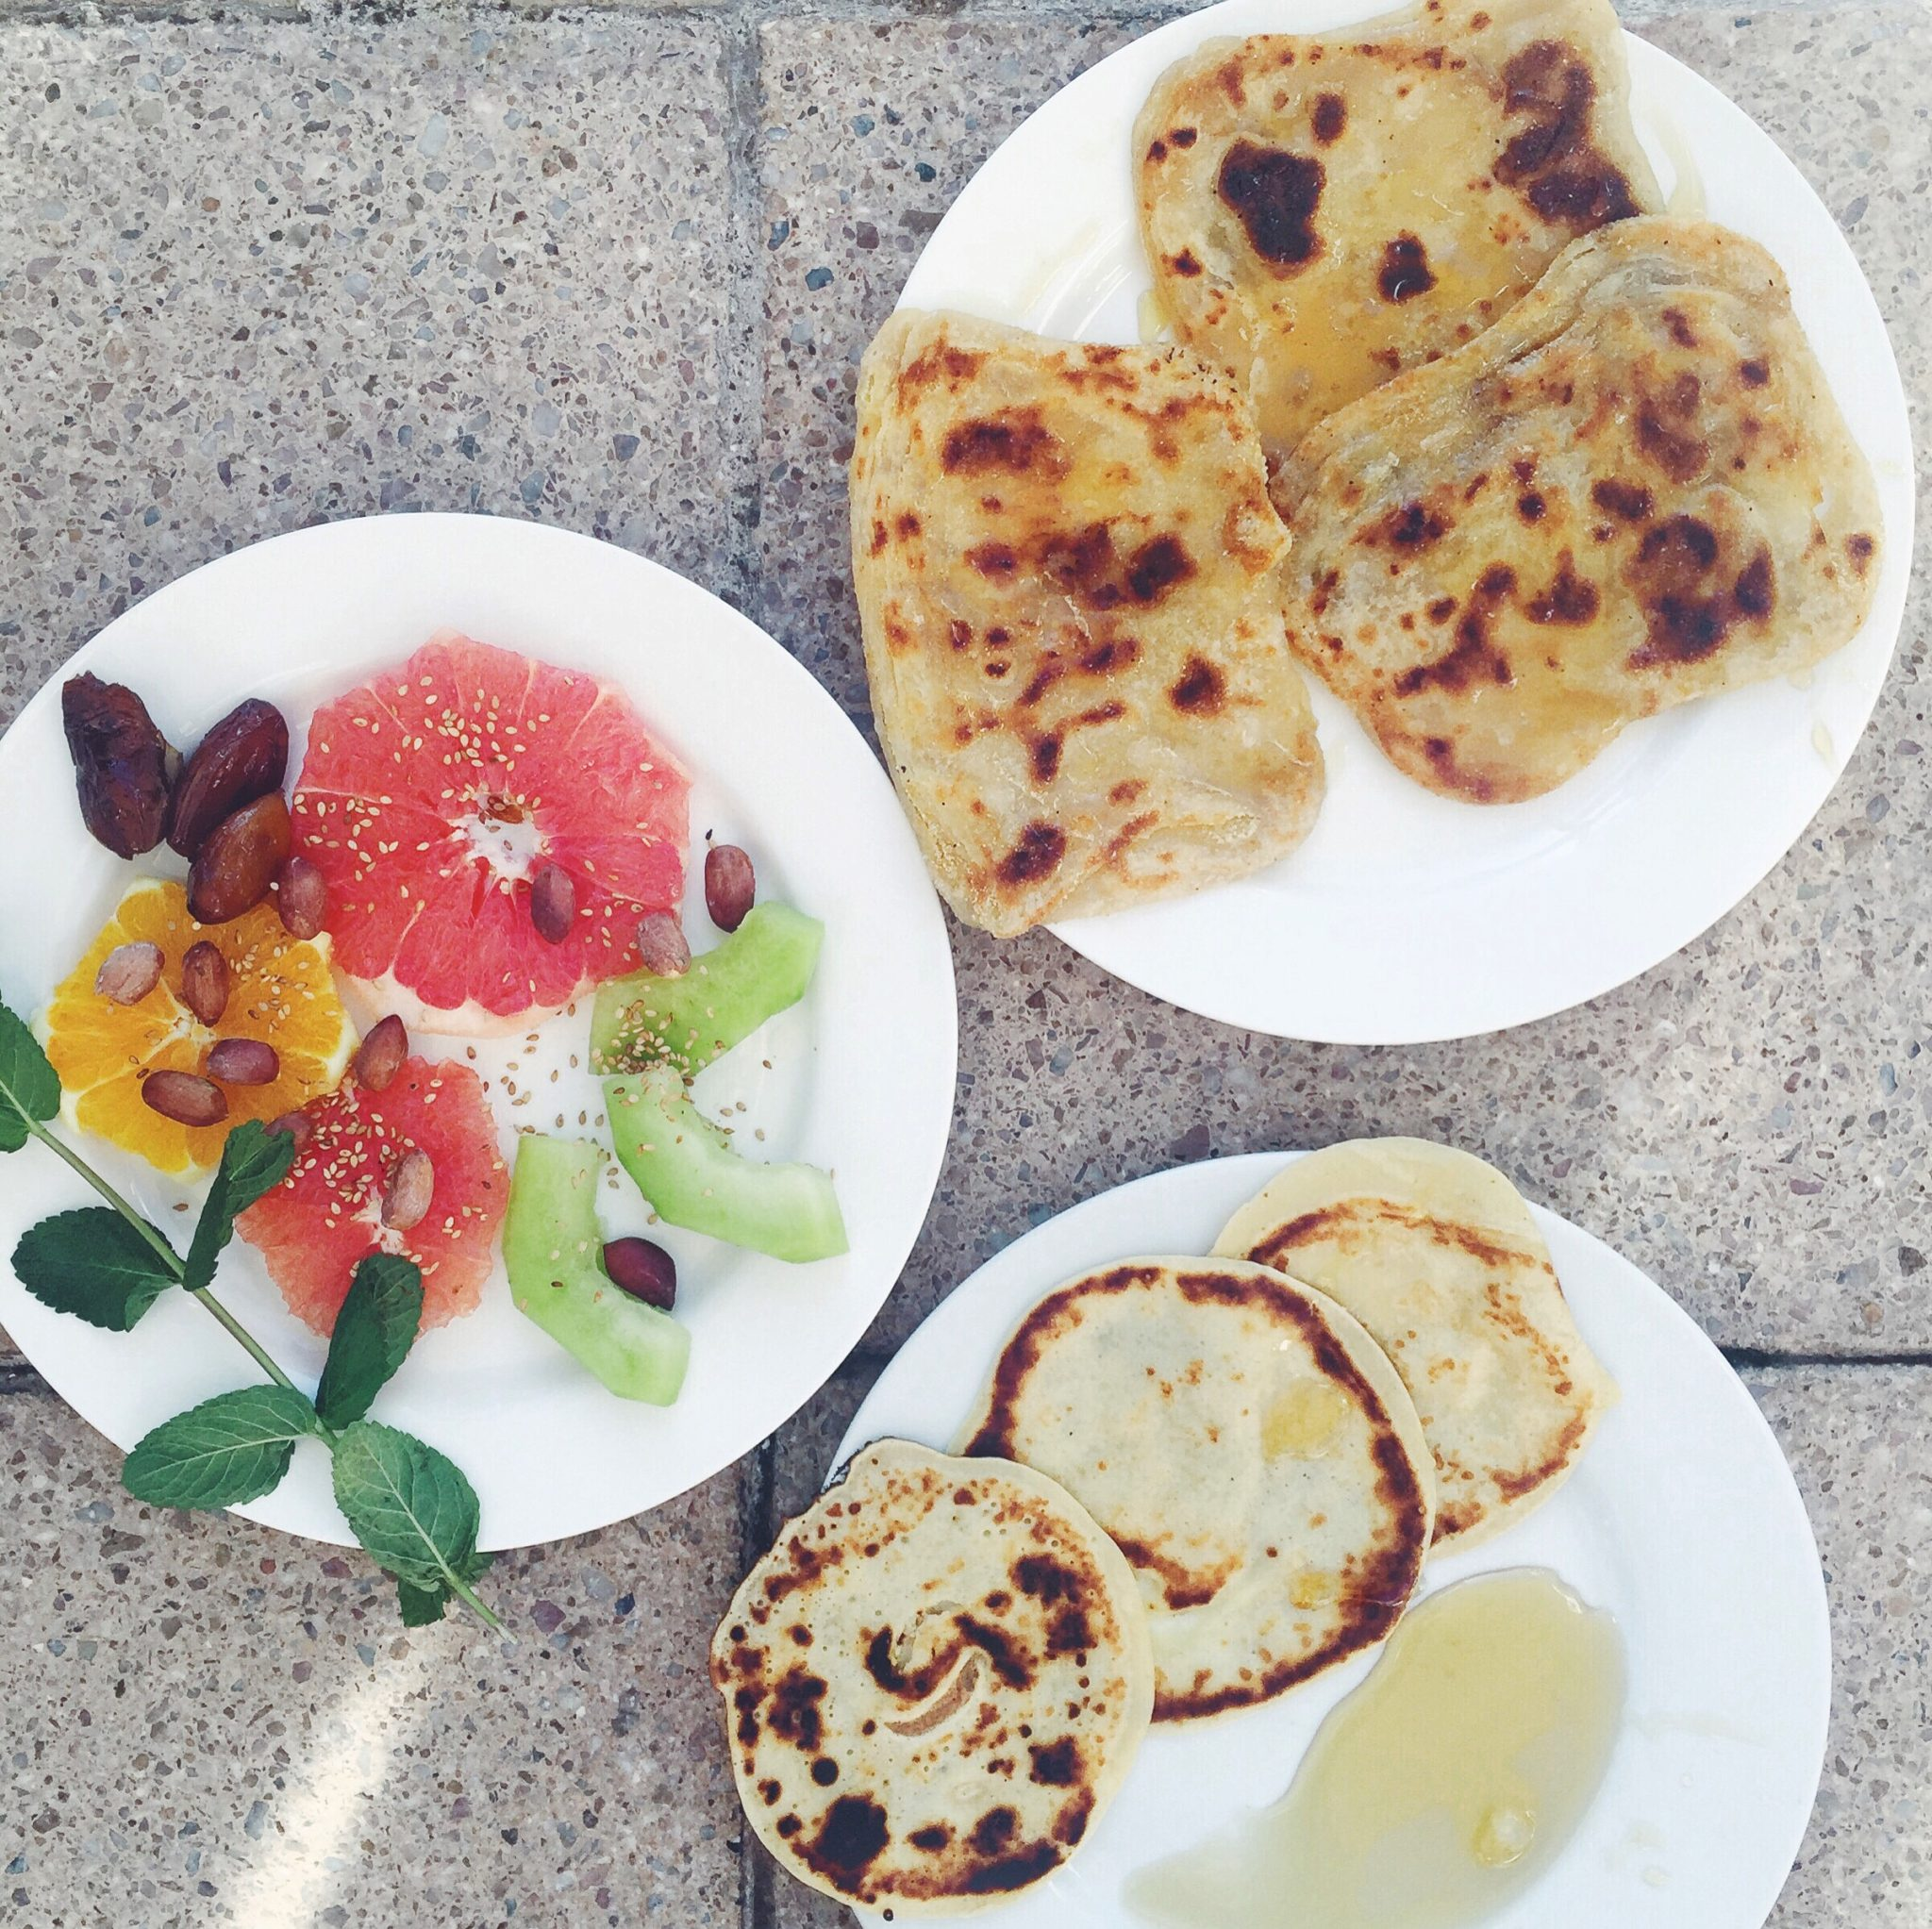 Marokkanske pandekager. Msemen. Det skal du spise i Marokko.